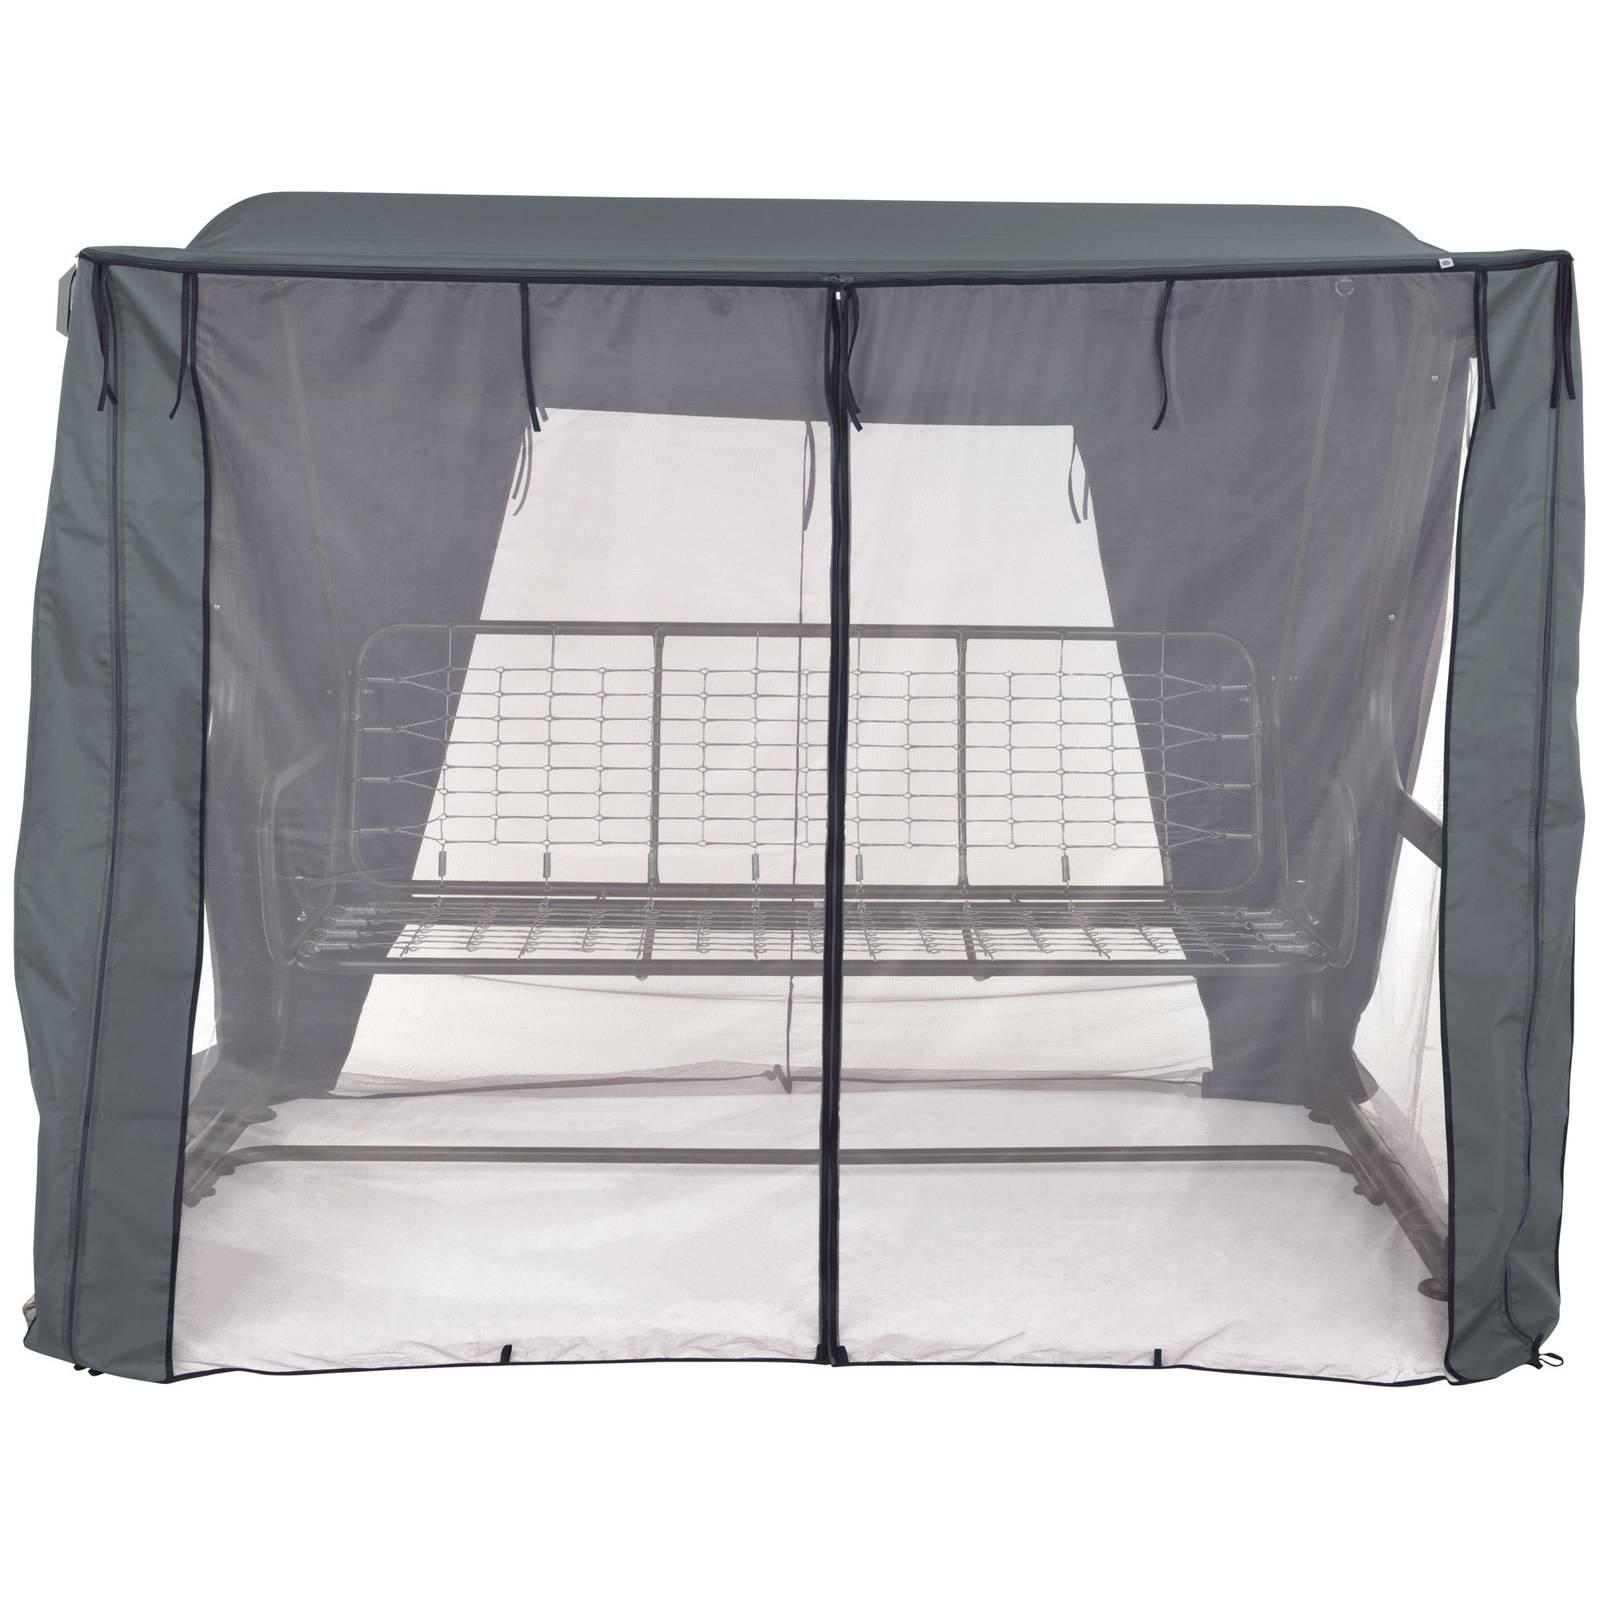 Dach z moskitierą do huśtawki ogrodowej 235 x 128 x 175  cm Rimini / Venezia D031-26CW  PATIO